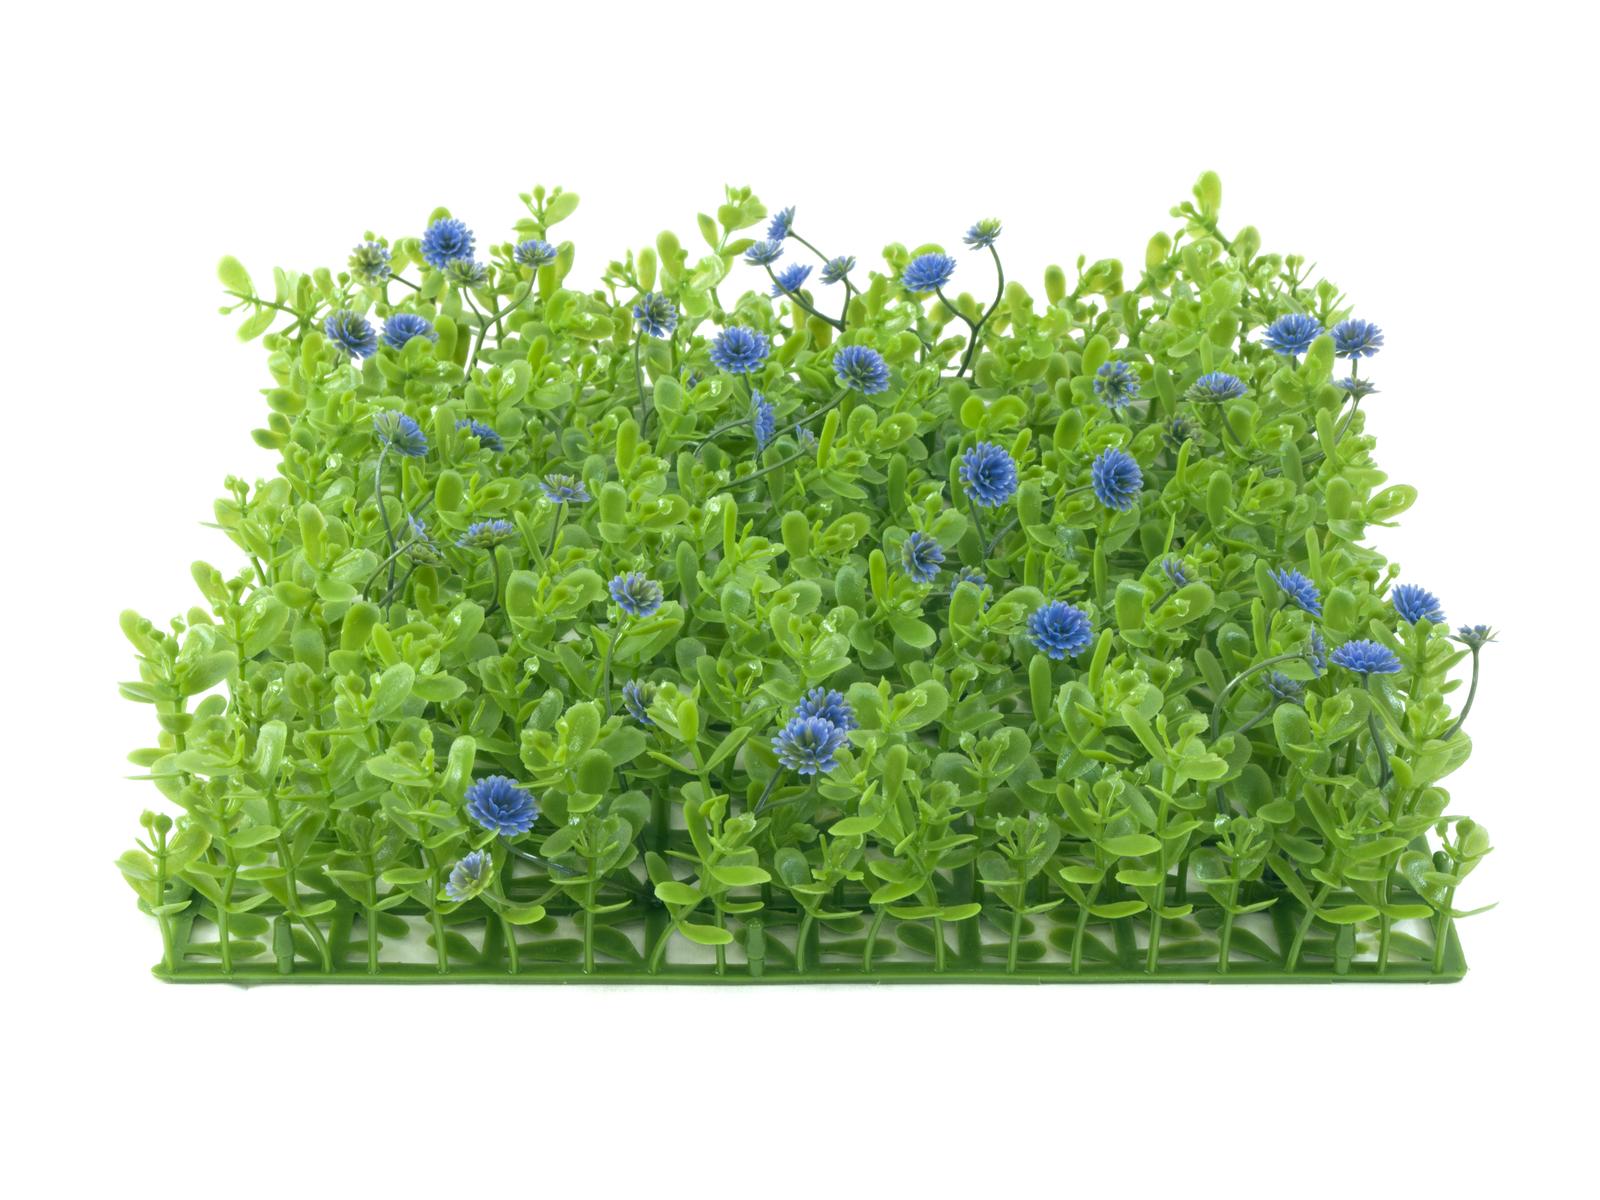 EUROPALMS Buchsmatte, künstlich, grün-lila, 25x25cm